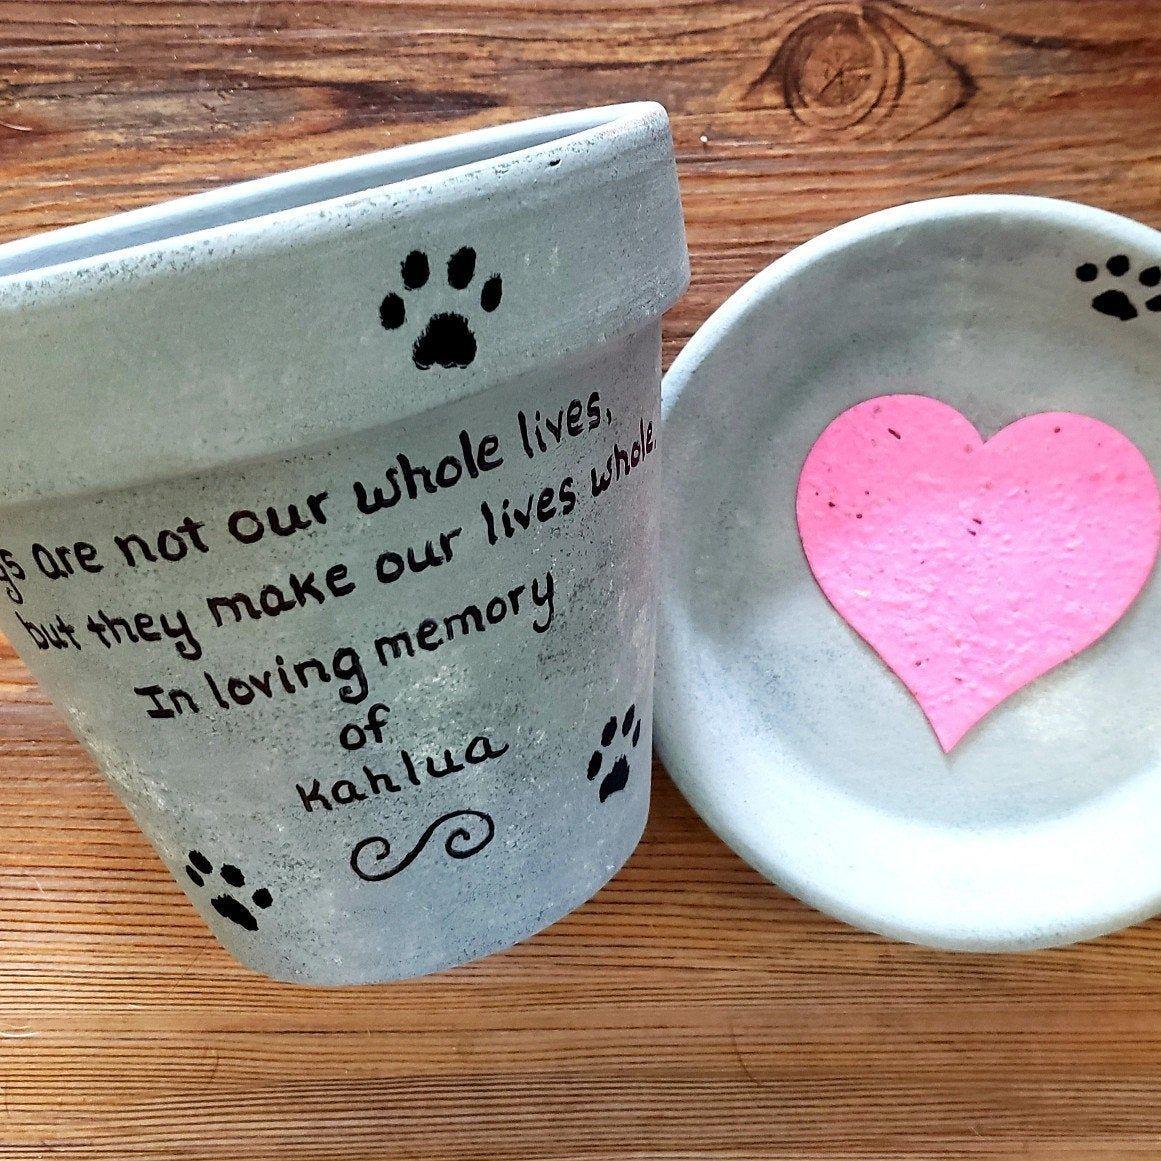 Happymoosegardenart shared a new photo on etsy pet loss